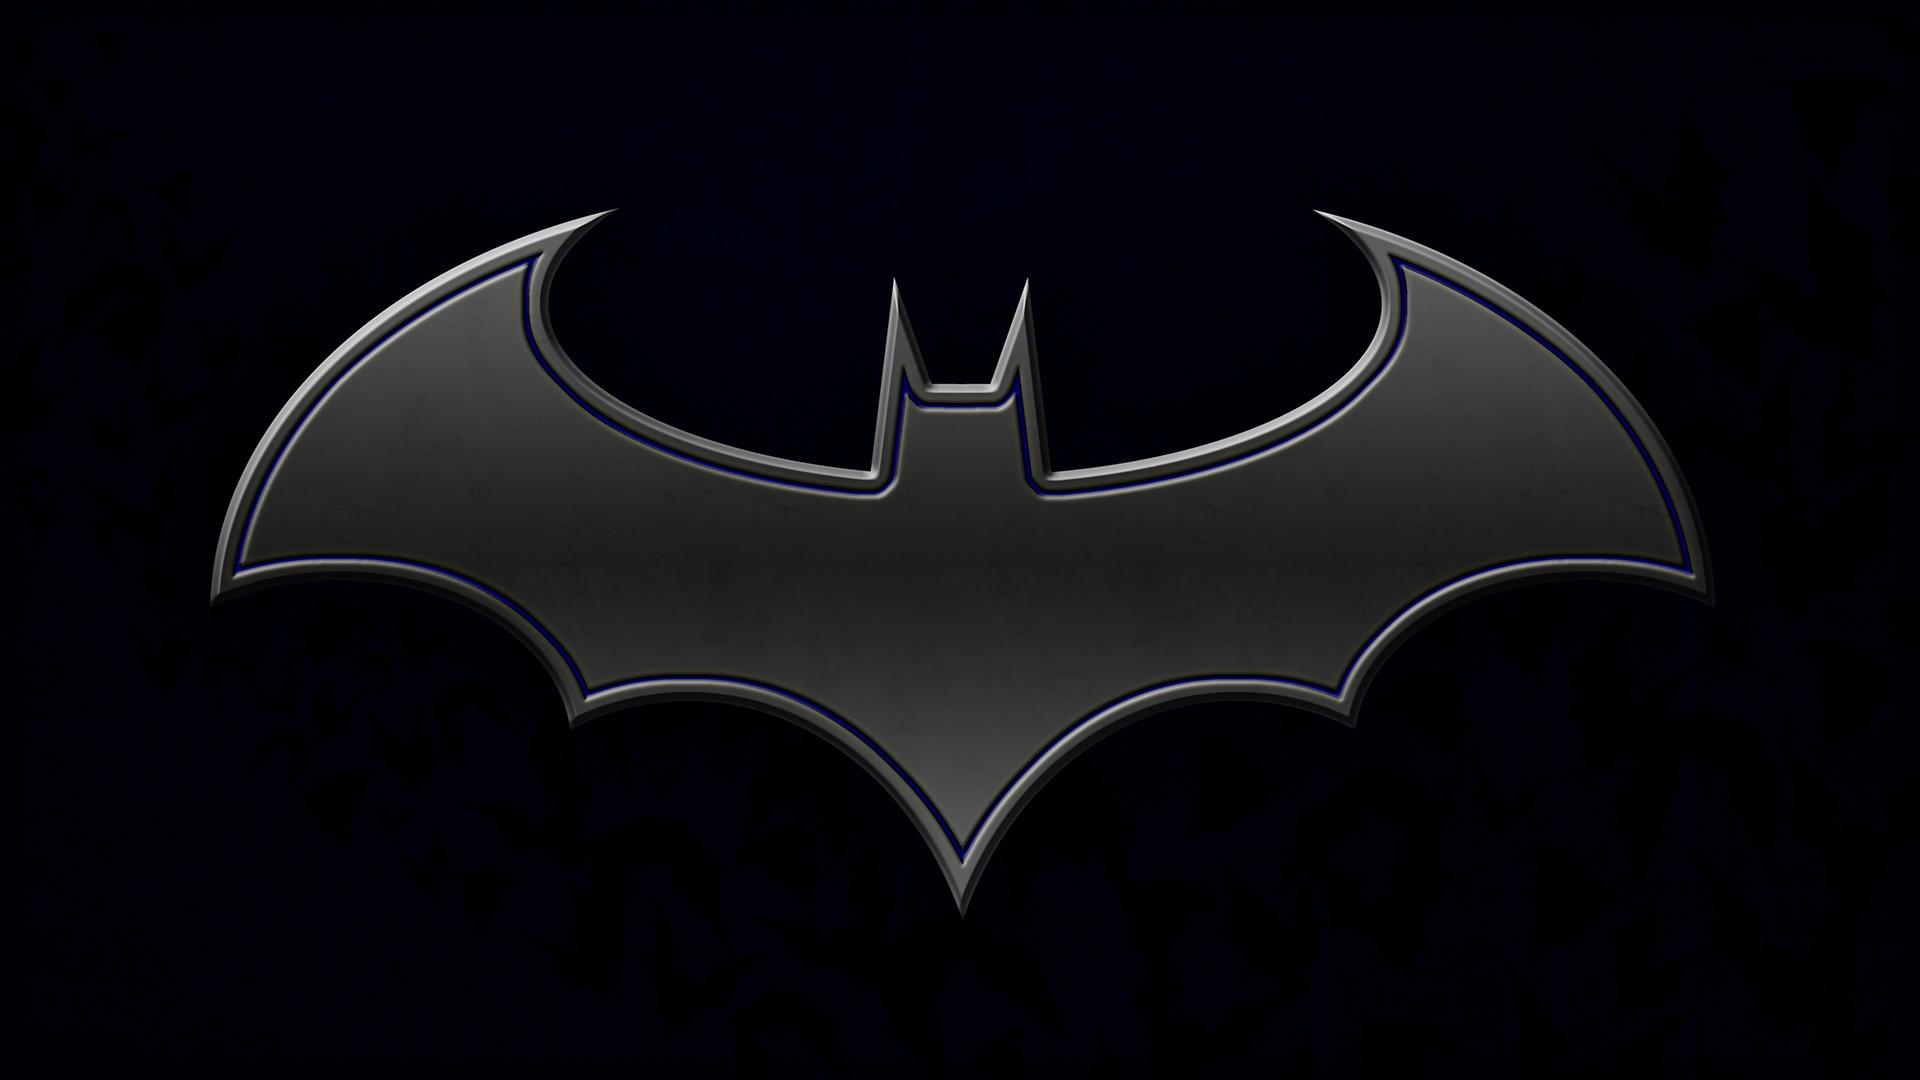 batman logo hd wallpaper wallpapers55com   Best Wallpapers for PCs 1920x1080